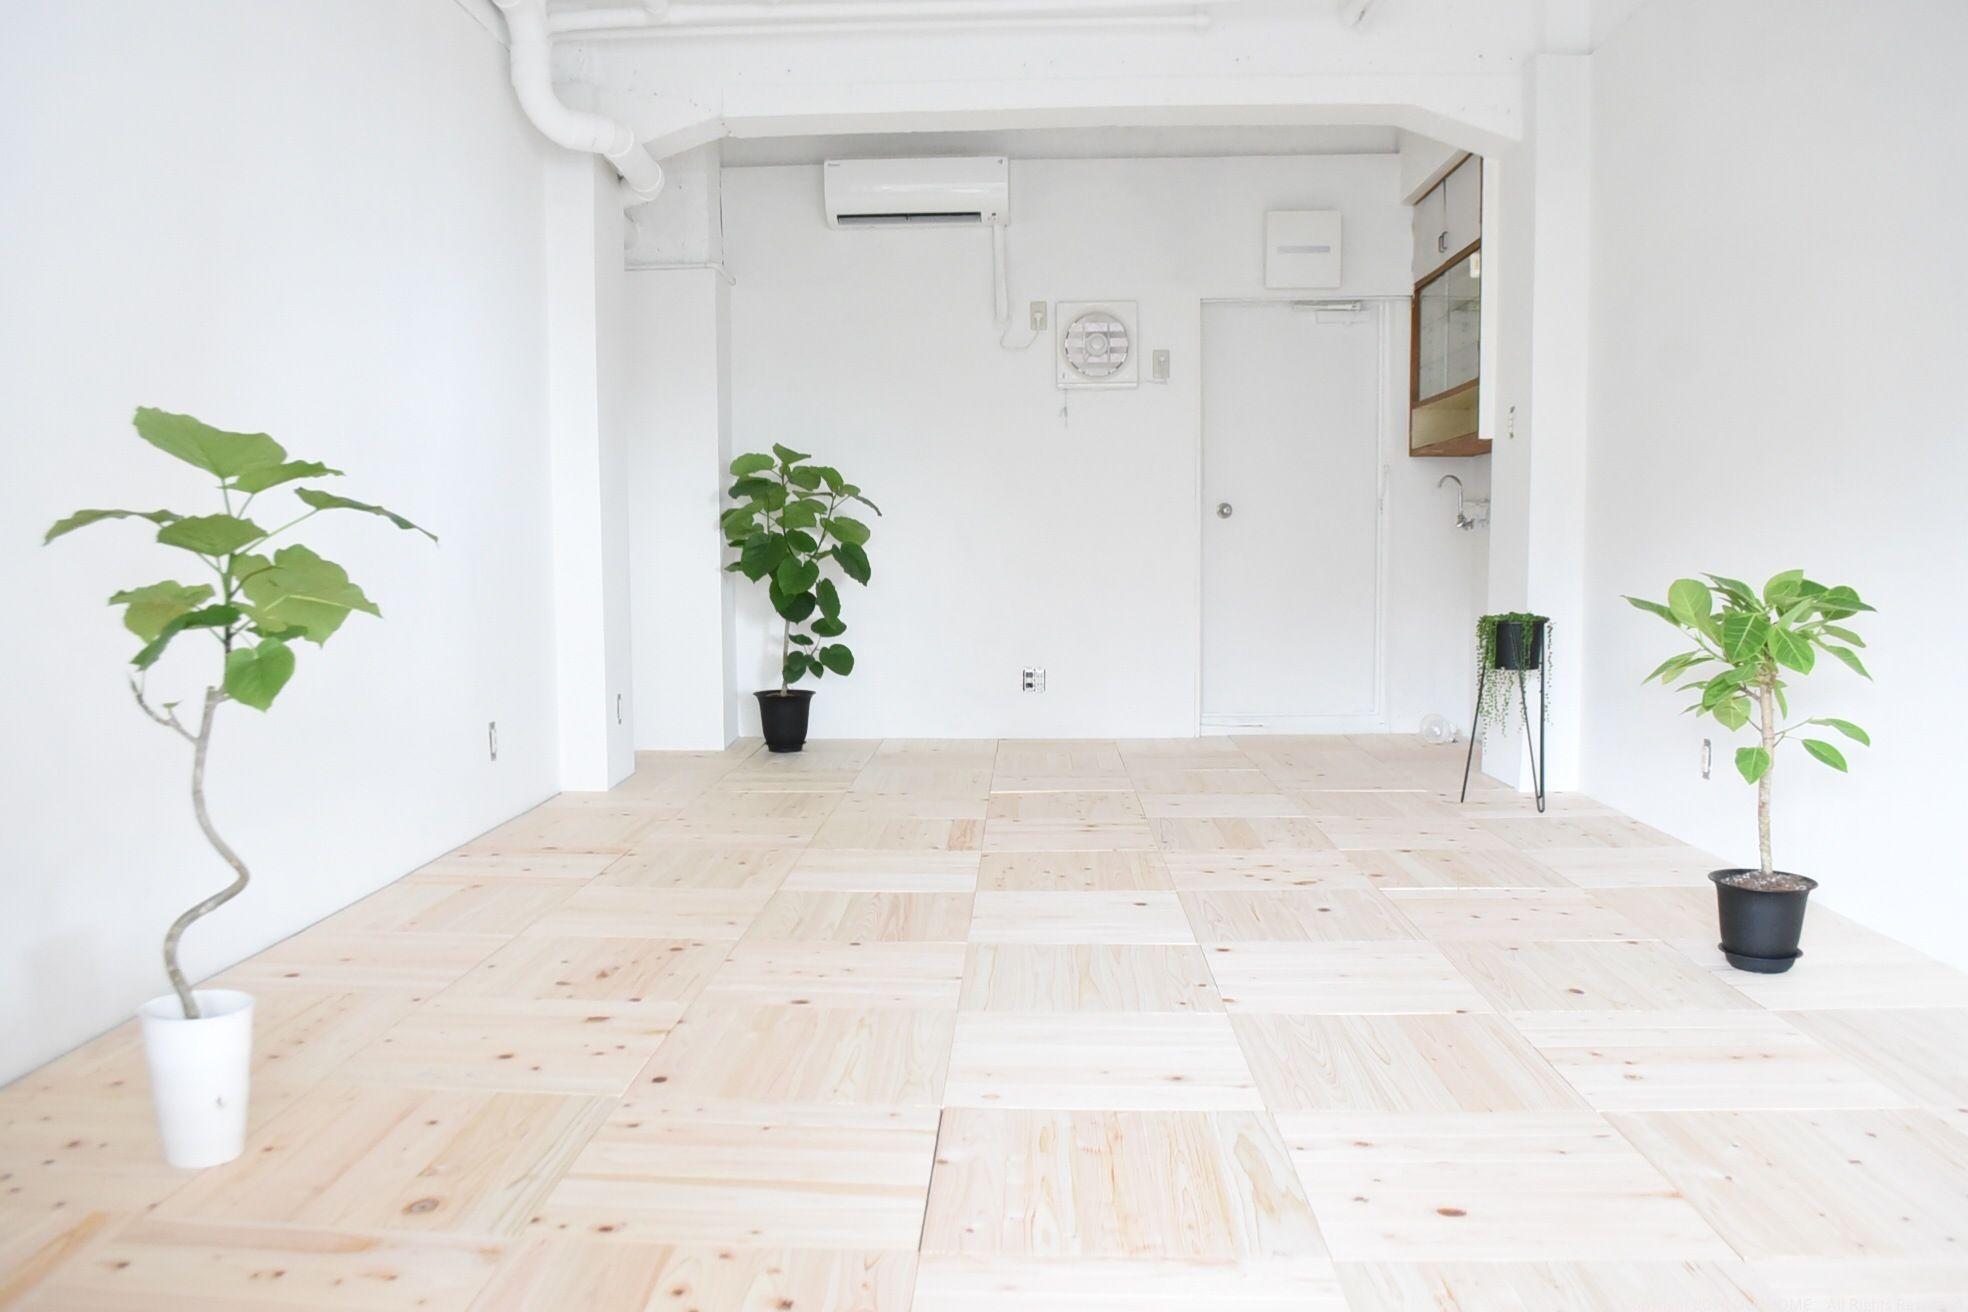 7月中旬のある日、OURHOME WEB LETTER(メルマガ)の募集からおこしくださった8名のみなさまとご一緒に、新スタジオのペイントパーティーを開催...